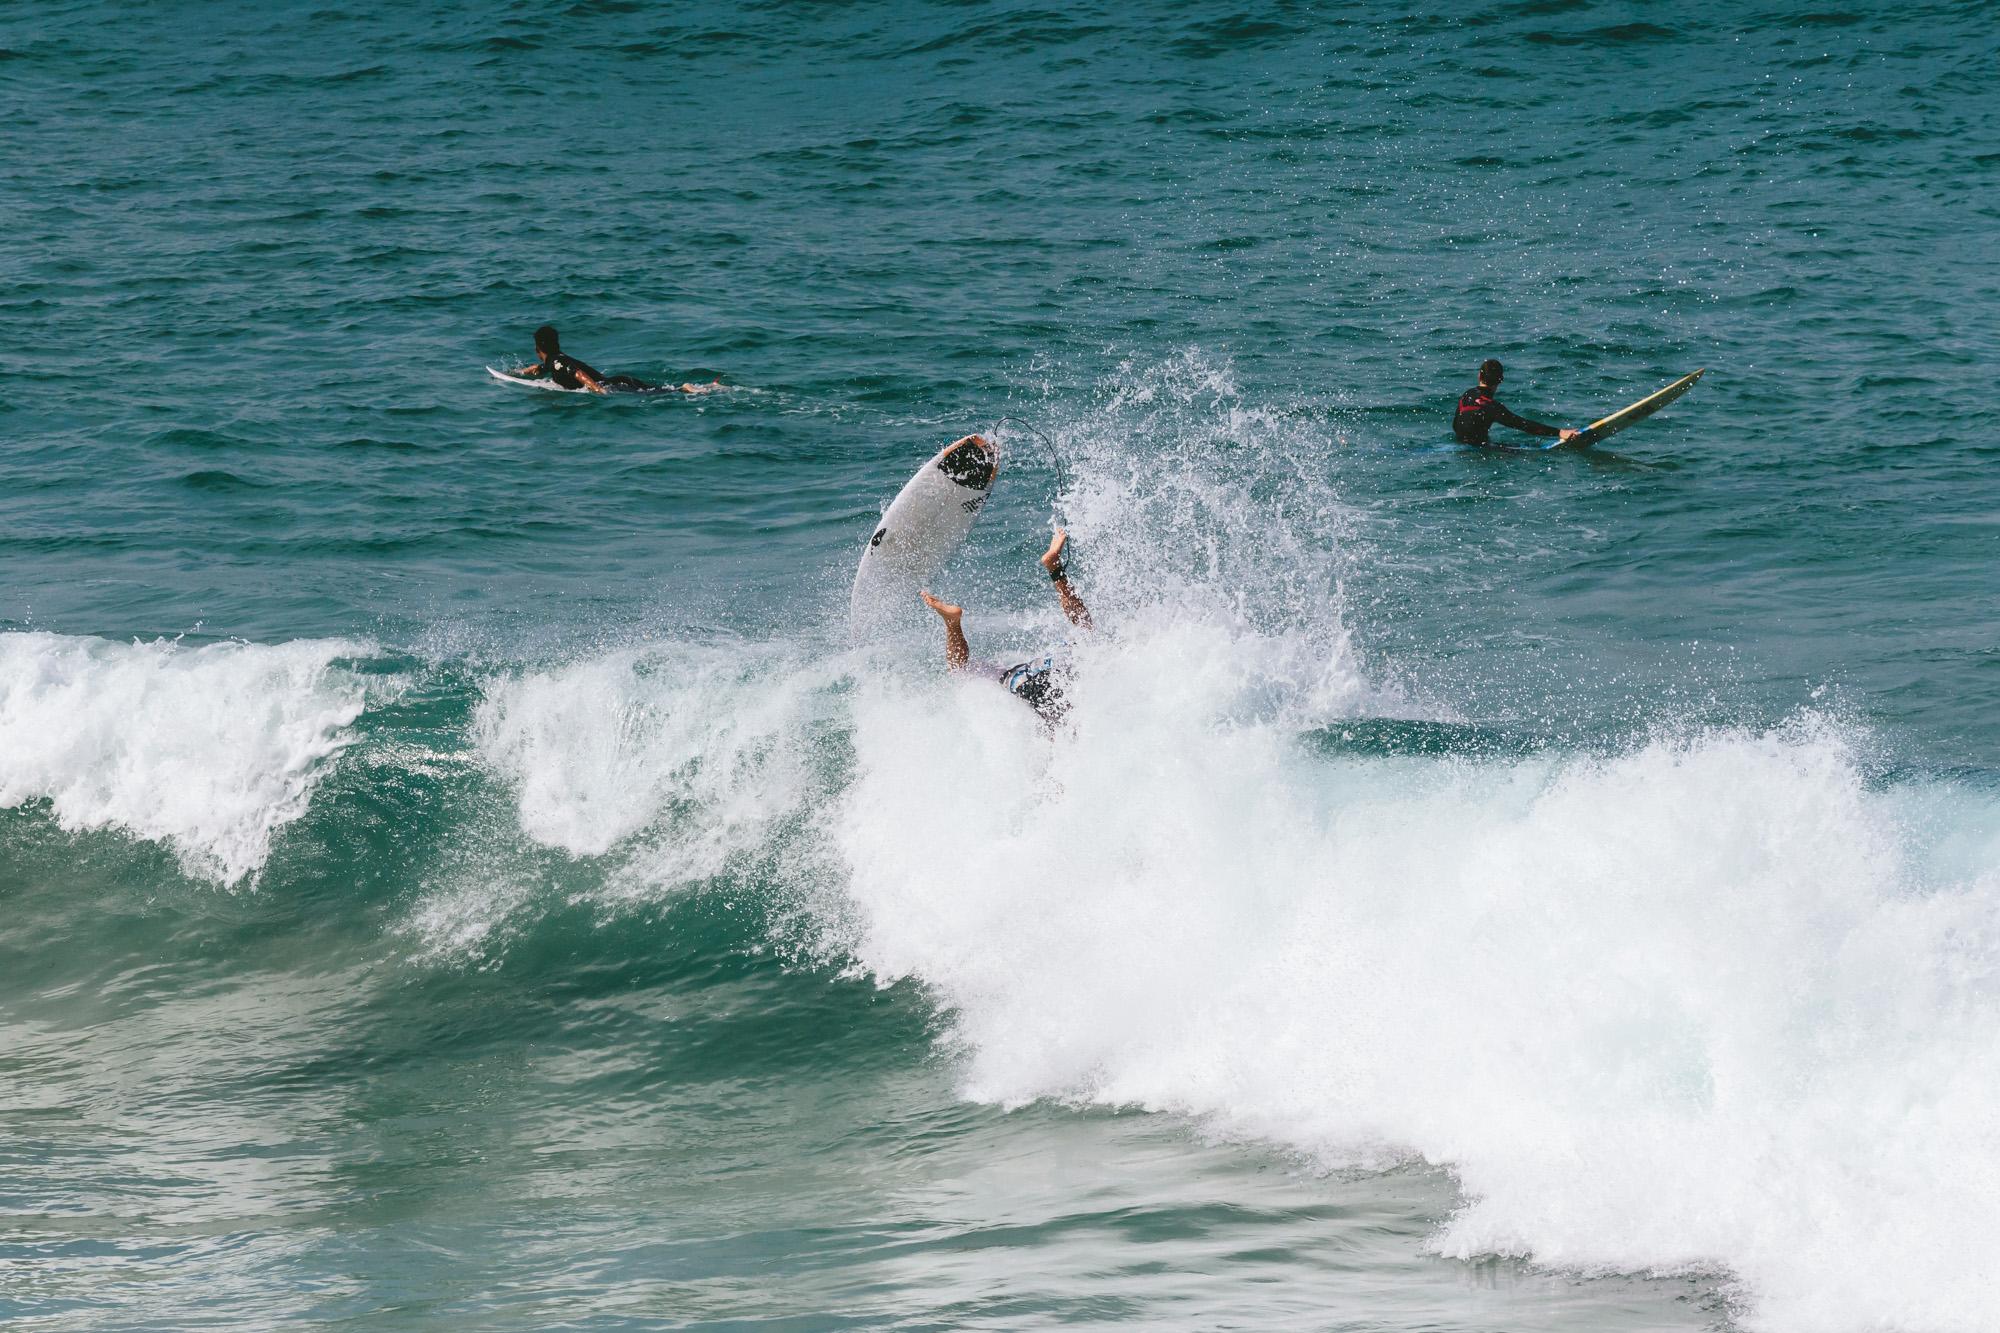 Sydney Bondi Beach surfer